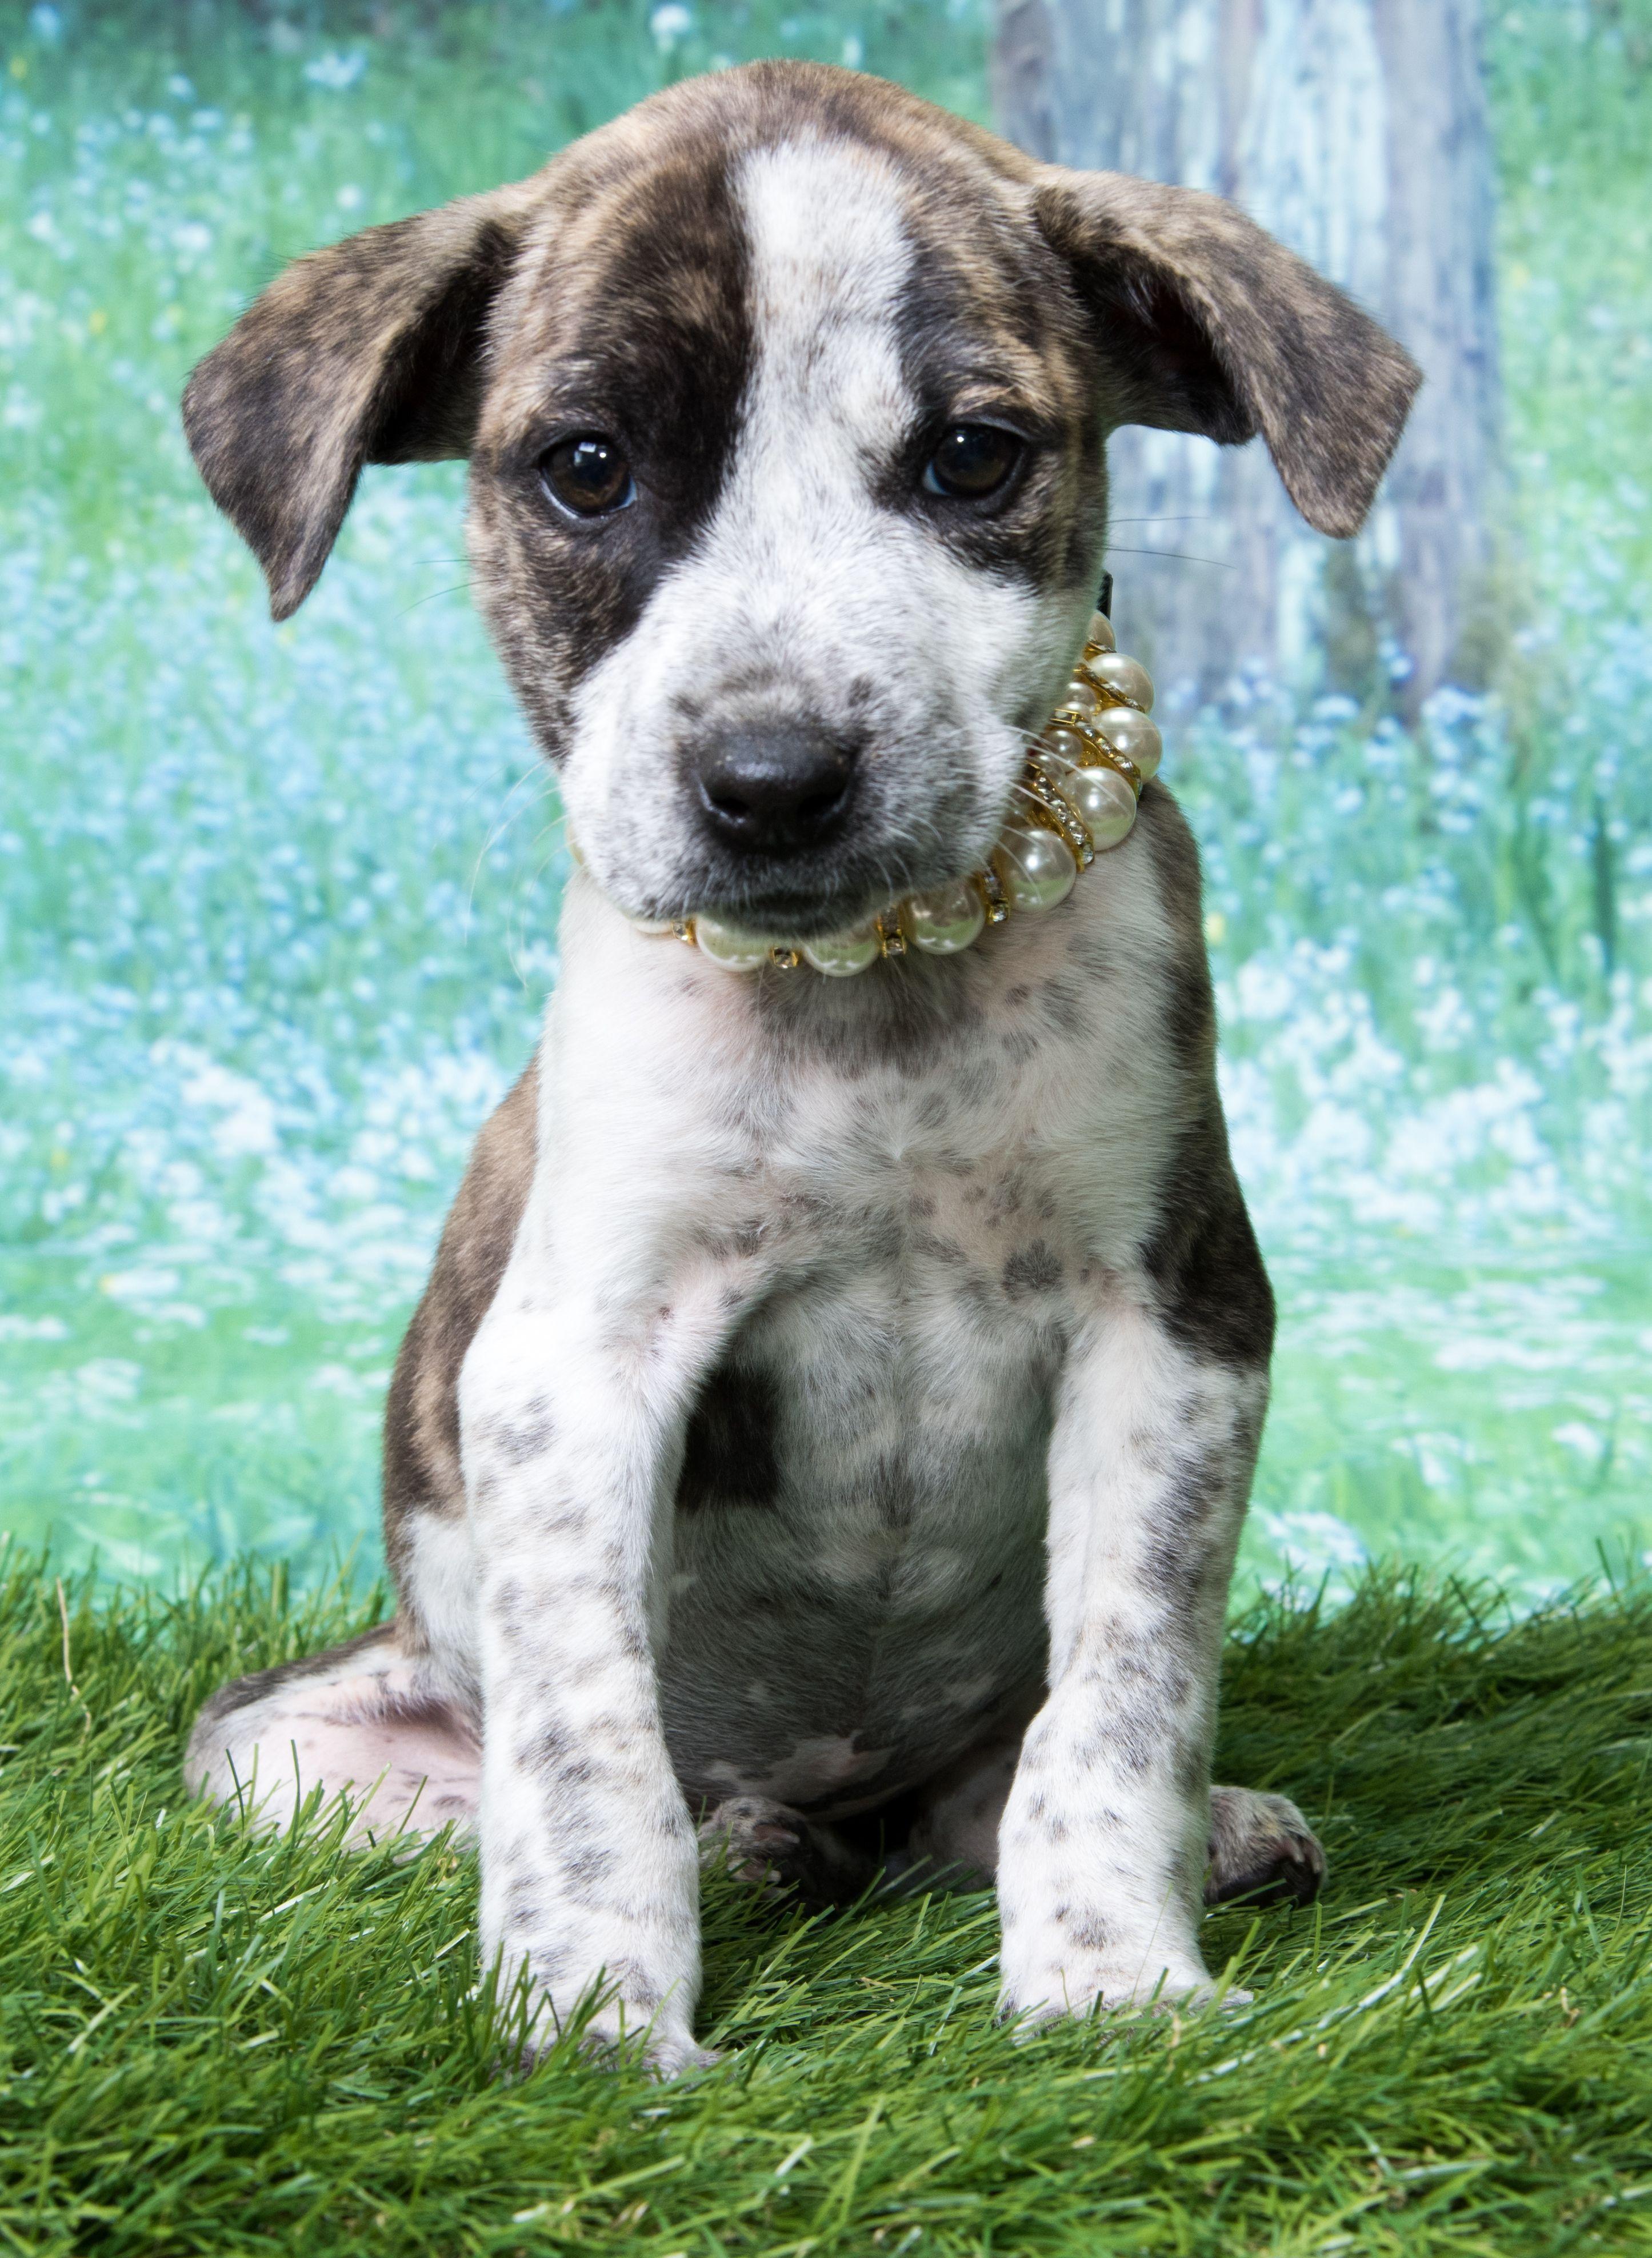 Beagle Dog For Adoption In Denver Co Adn 566140 On Puppyfinder